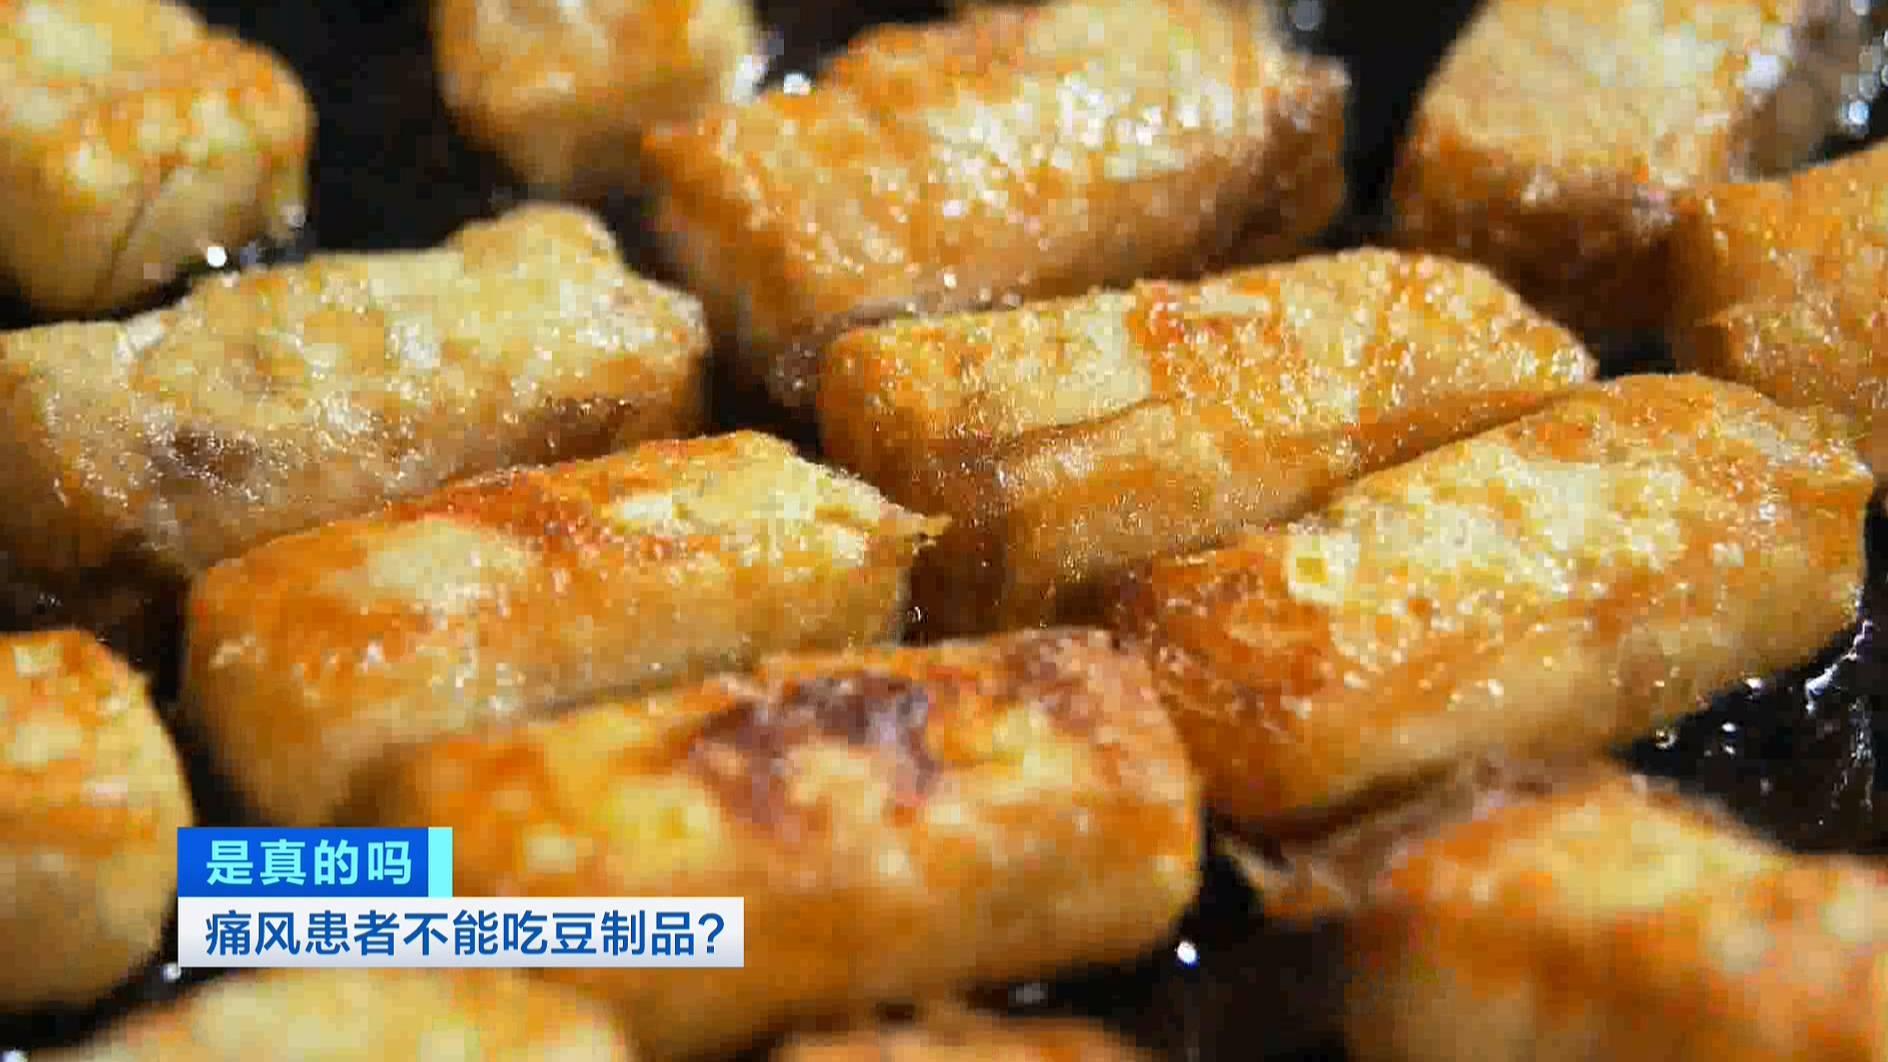 痛风患者不能吃豆制品是真的吗?